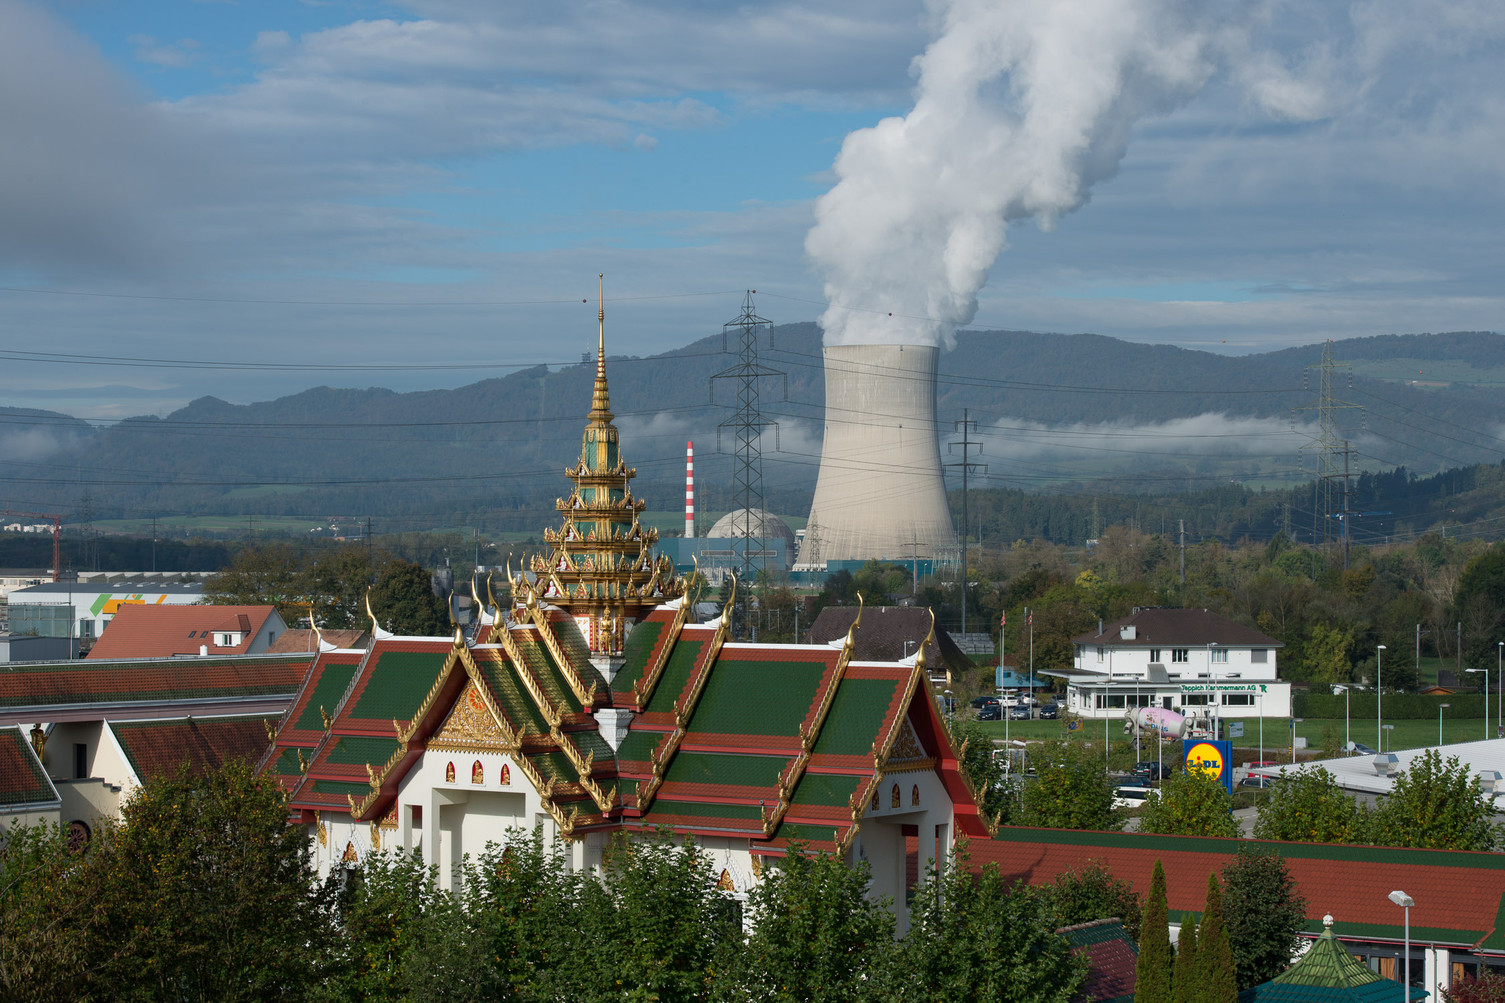 Buddhistischer Tempel und Kernkraftwerk Gösgen